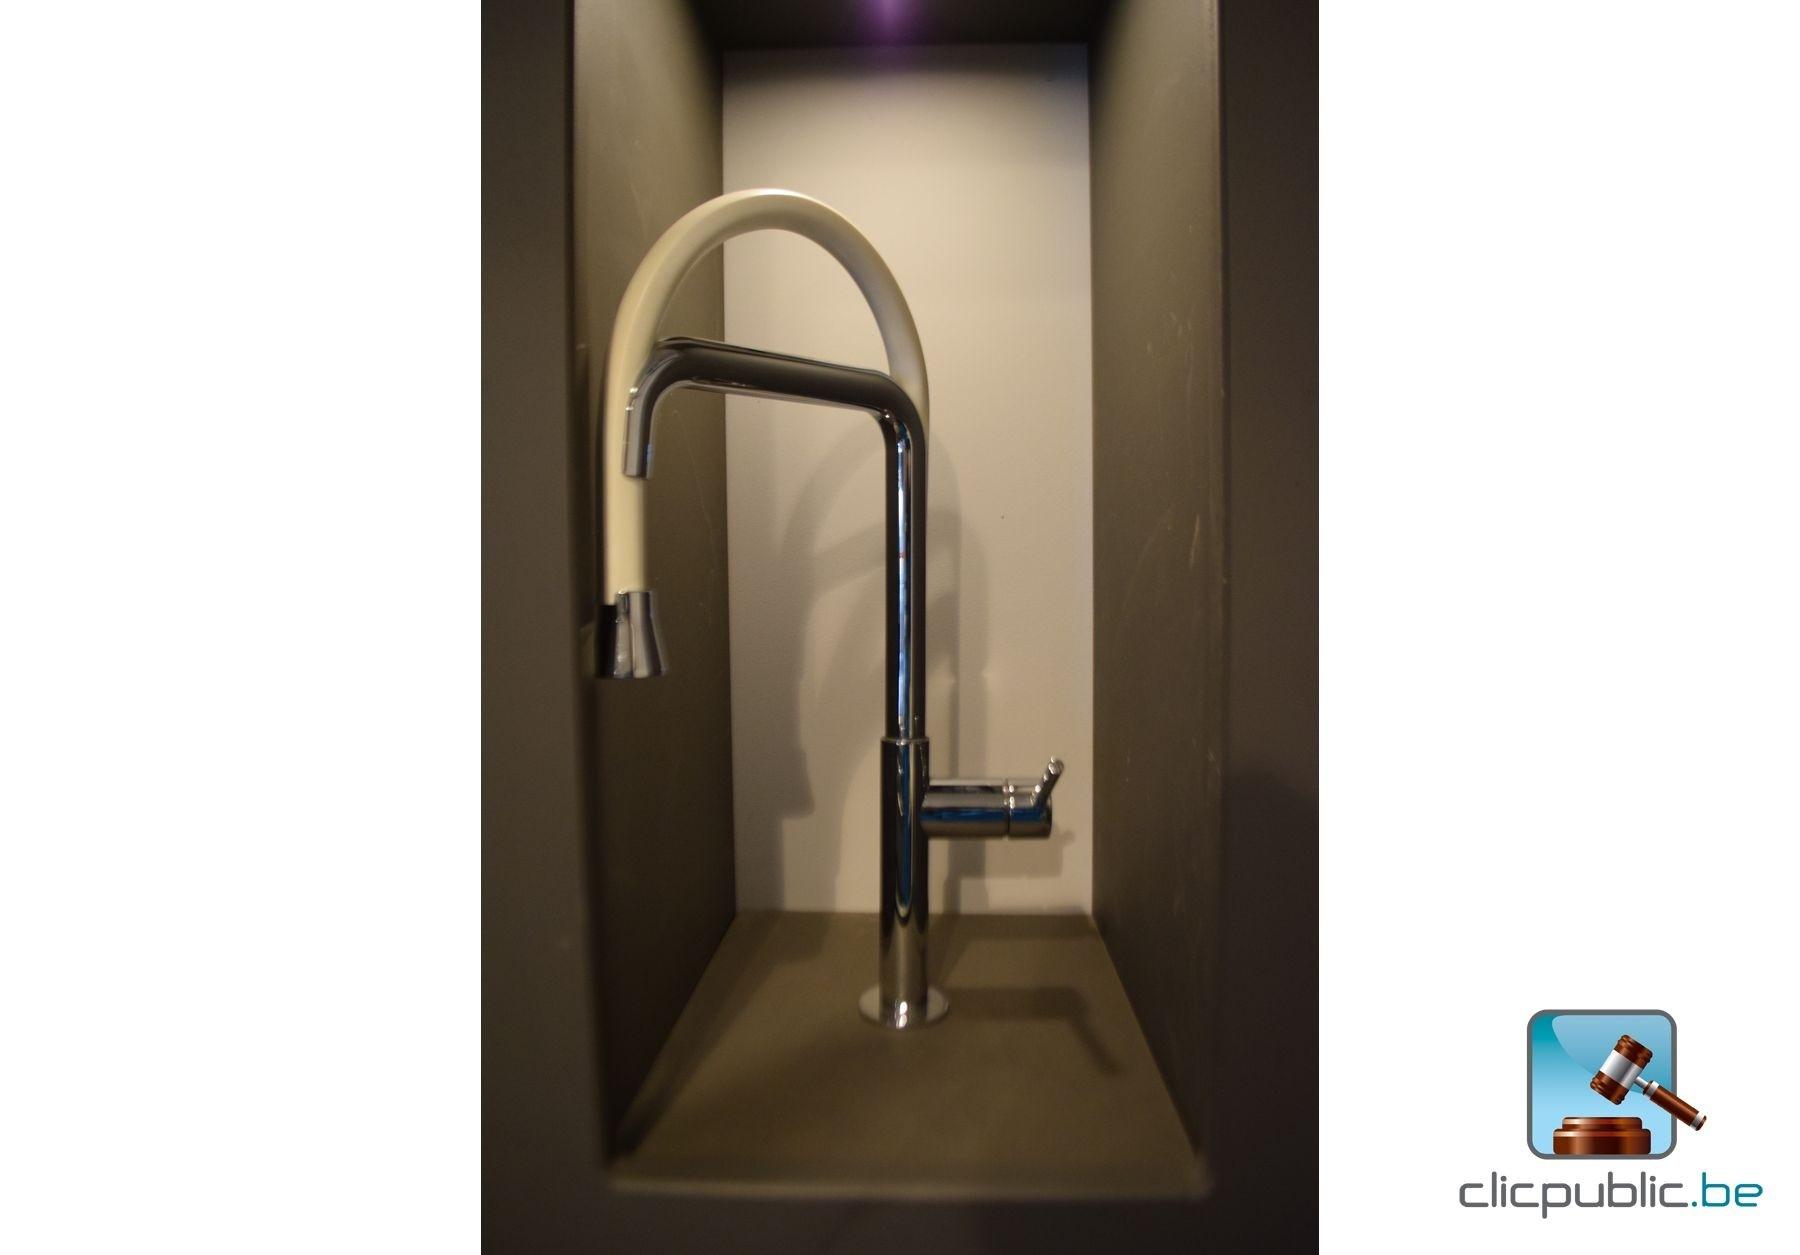 Sanitaire lot de robinets d 39 exposition ref 51 vendre sur clicpubli - Vente sanitaire en ligne ...